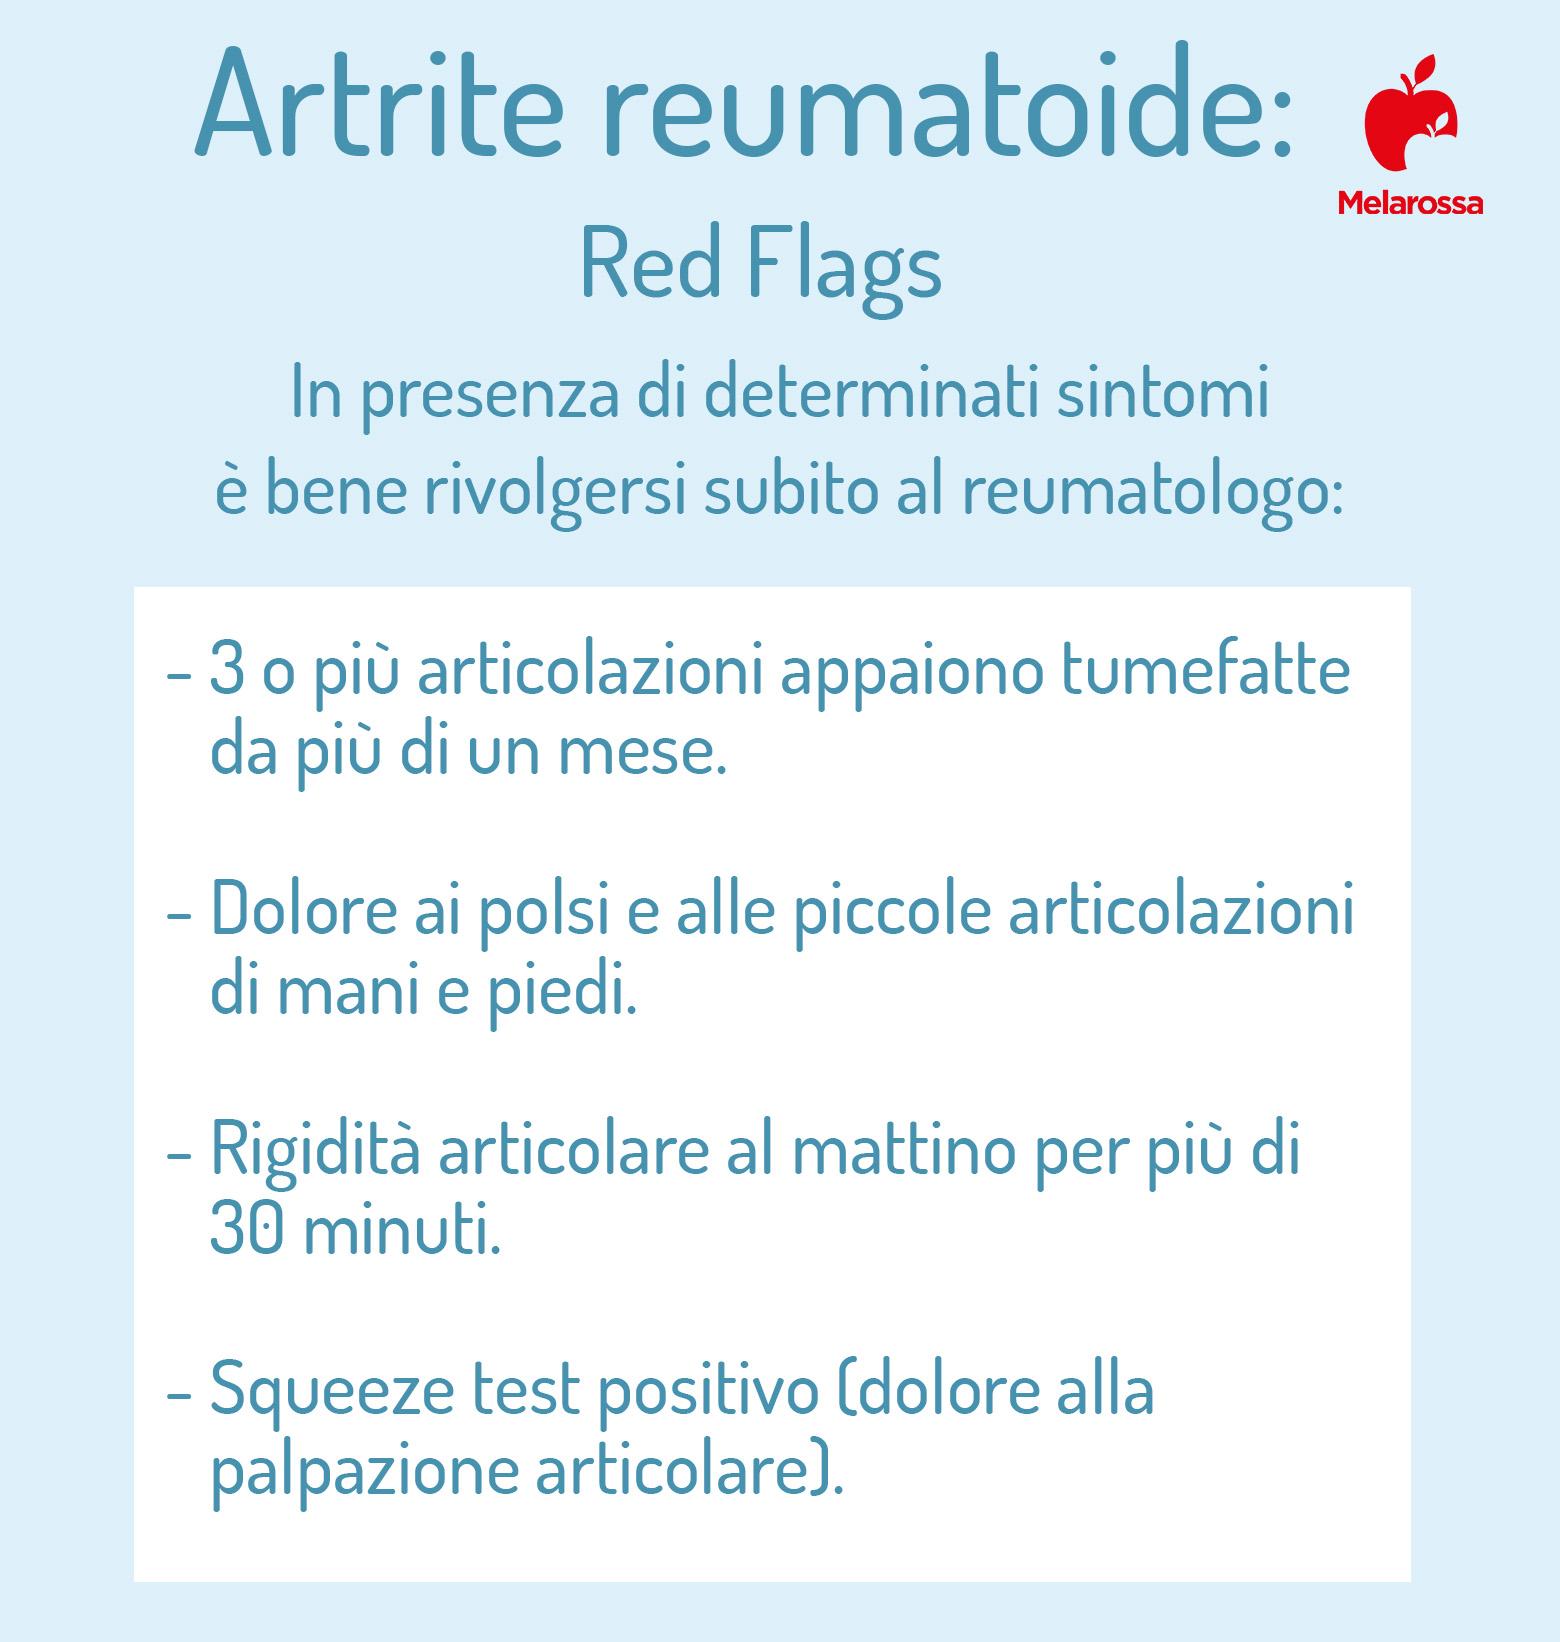 artrite reumatoide: quando consultare il reumatologo